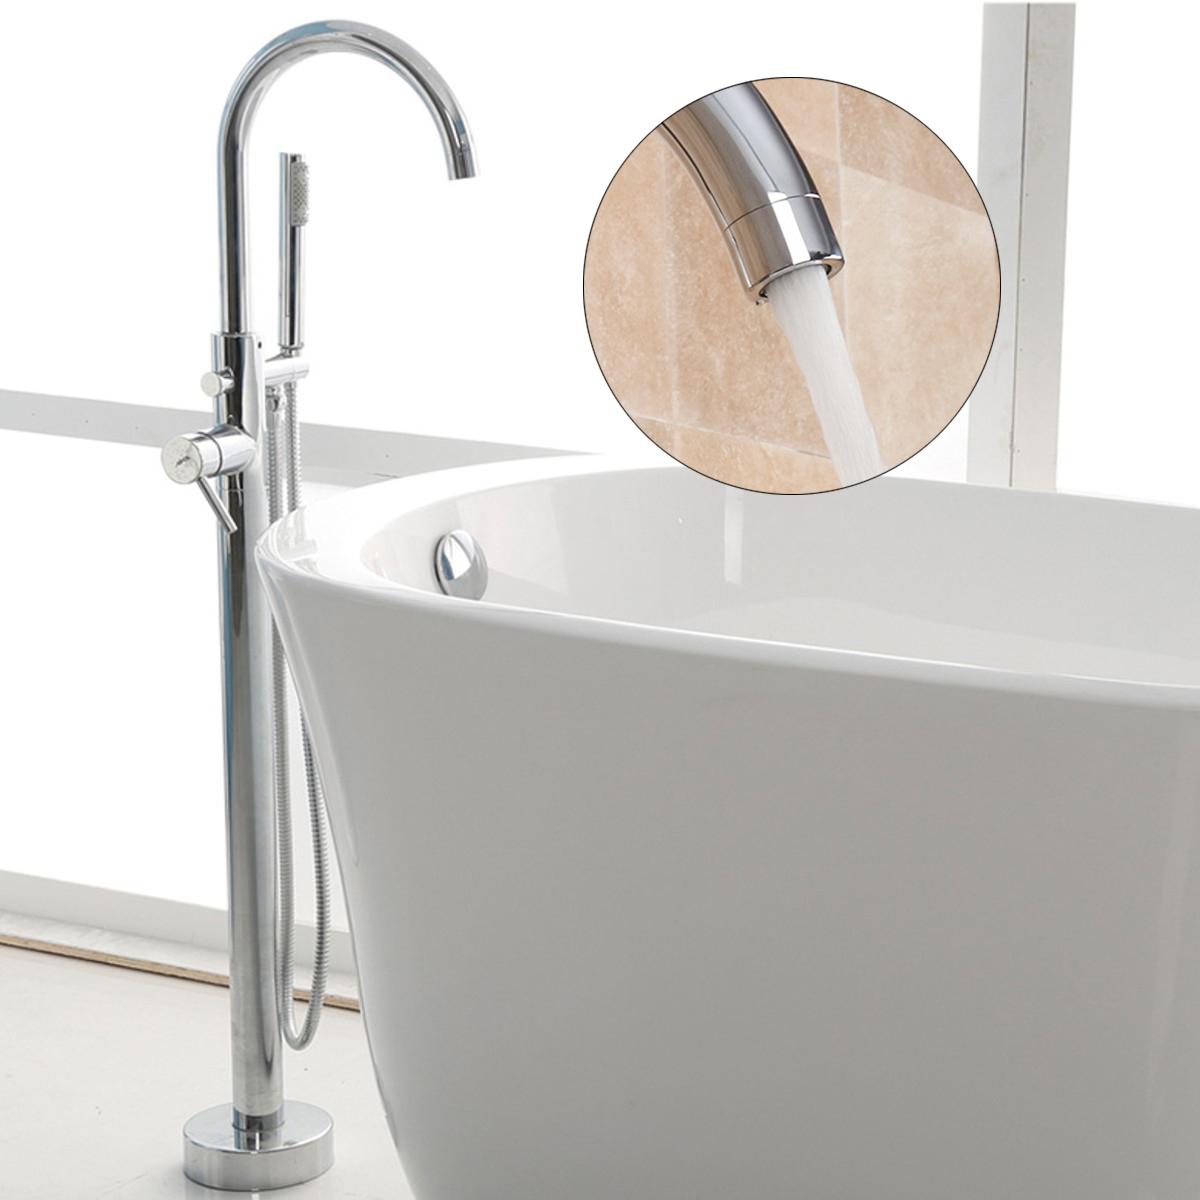 Хромированный круглый круглый отдельно стоящий кран Ванная комната Смеситель для ванны с душем - фото 2